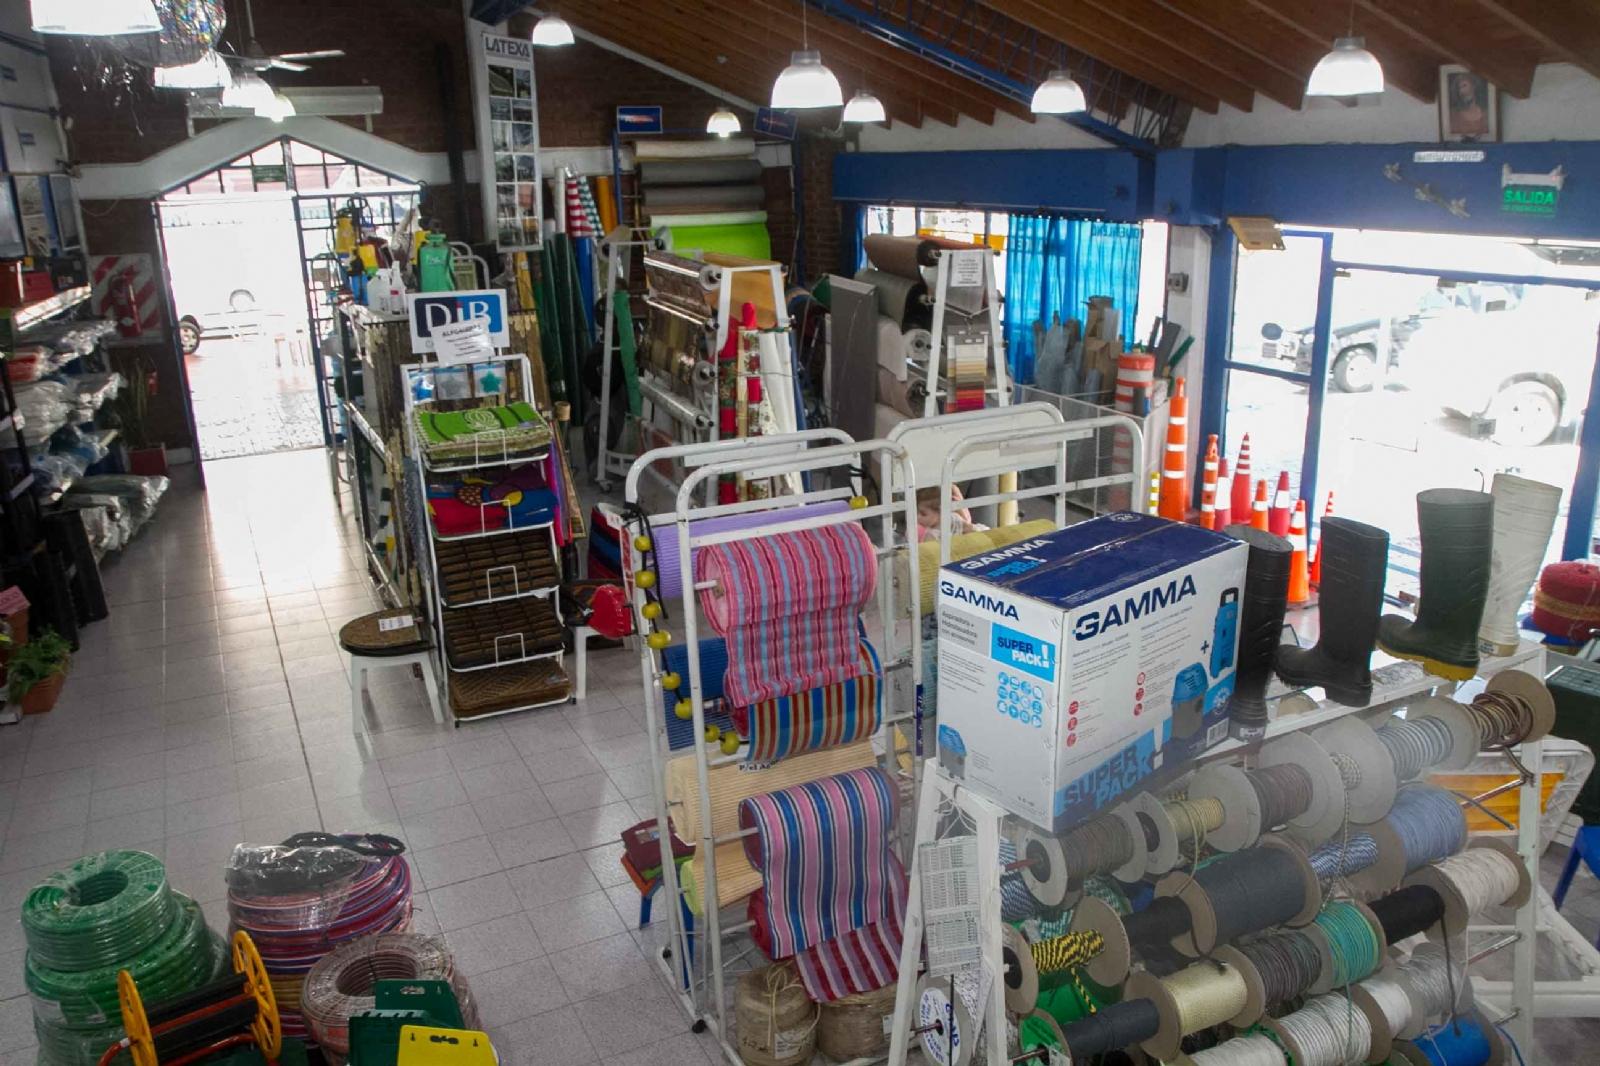 Las Ltimas Tendencias En Decoraci N Para Los Jardines Y El Hogar  # Muebles Gamma San Juan